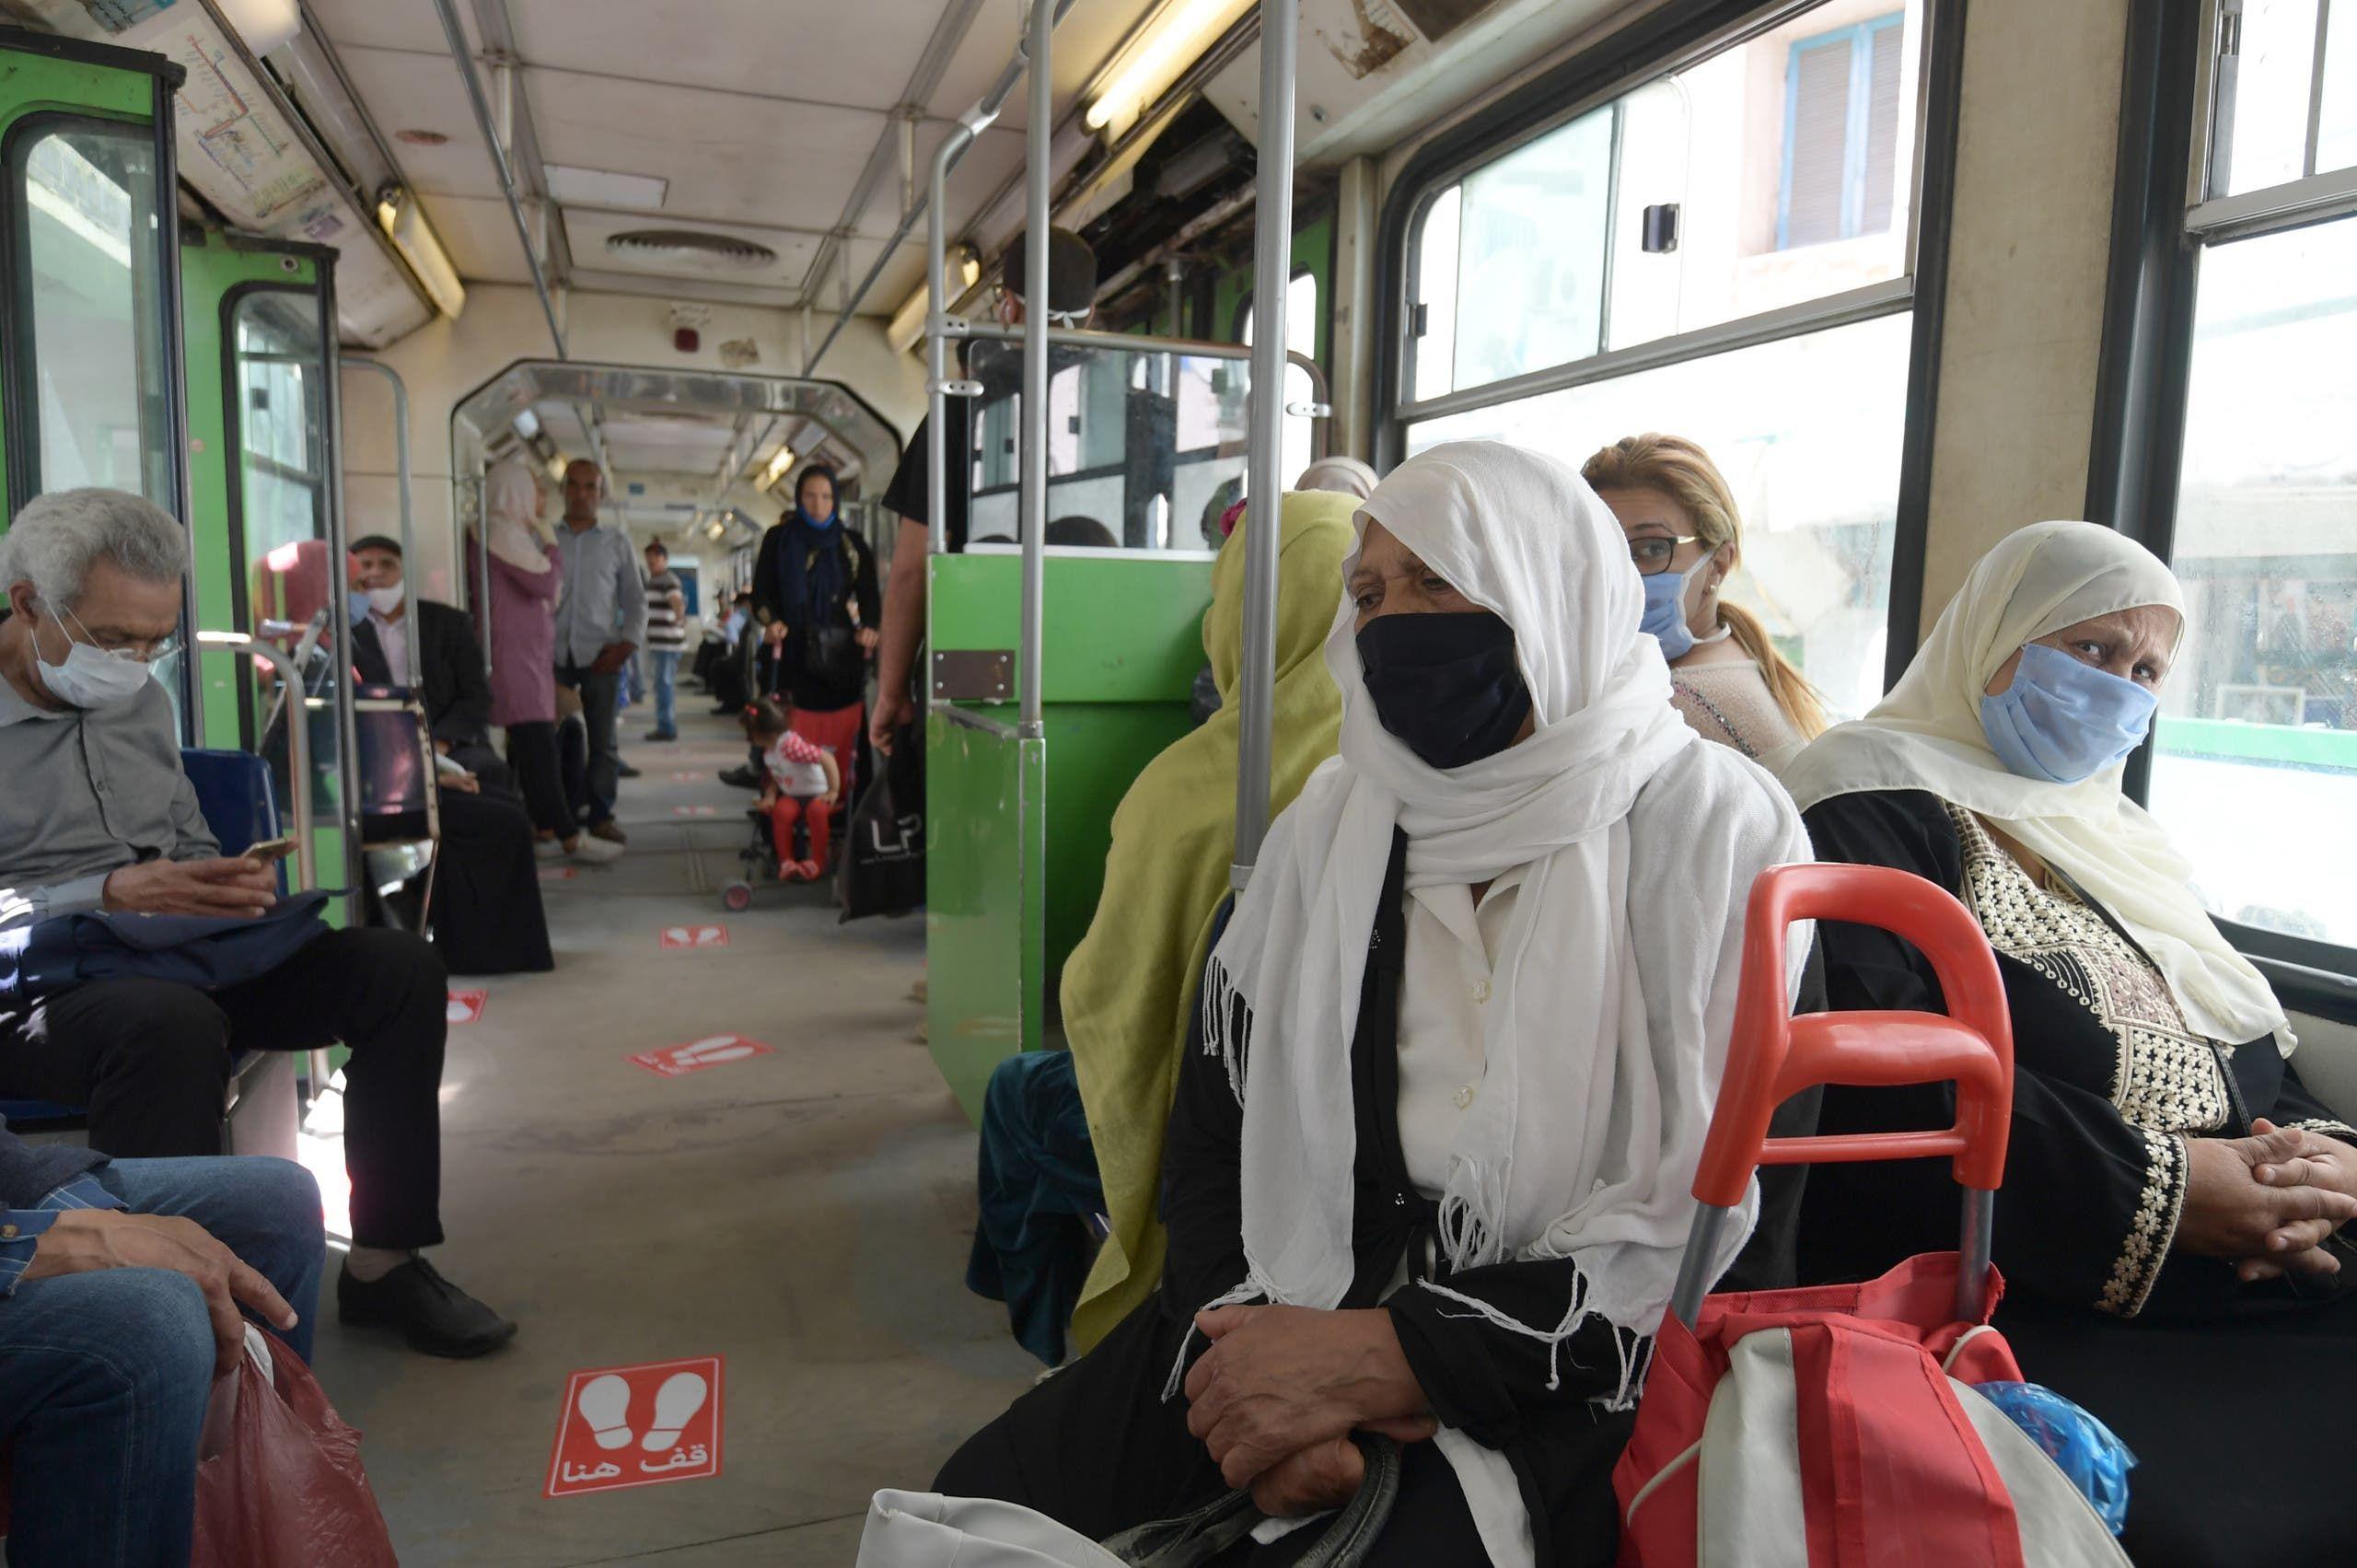 الراكبون في المواصلة العامة في تونس يلتزمون بلبس الكمامات